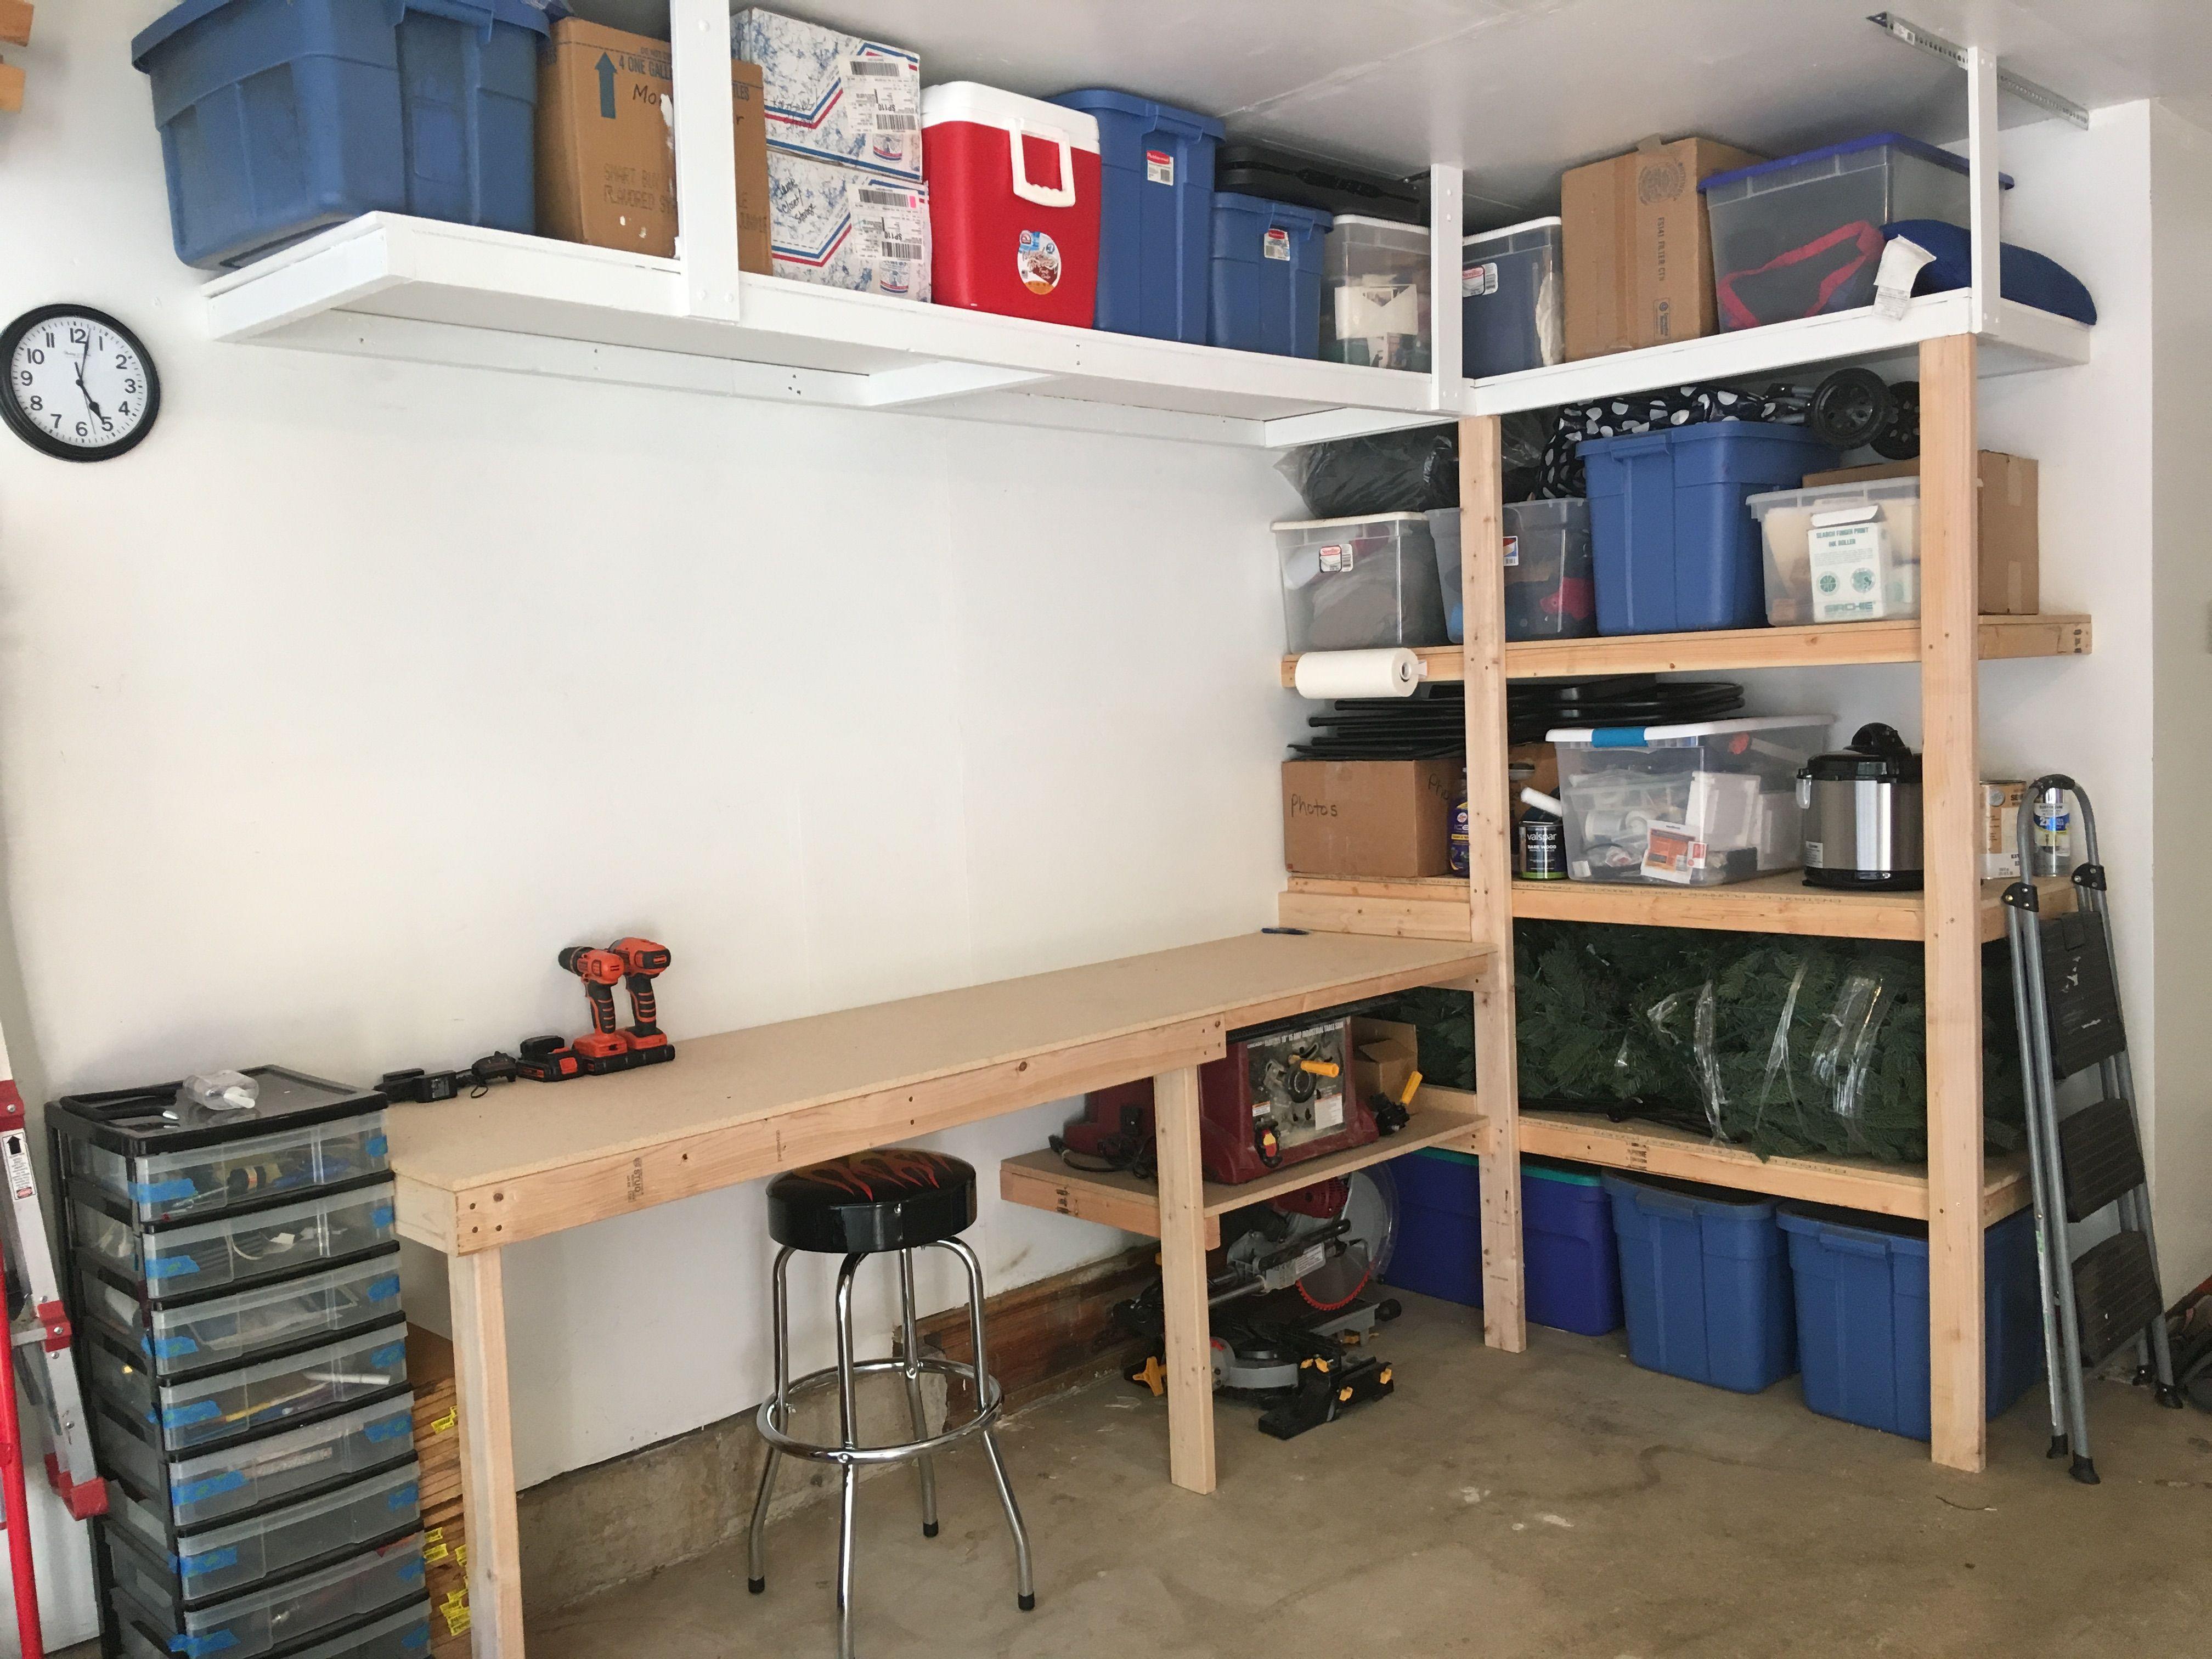 Garage Shop Organization Ideas Part - 50: Workbench Plans, Garage Shop, Garage Storage, Storage Ideas, Bracelets,  Workshop, Organization Ideas, Organizing Ideas, Storage